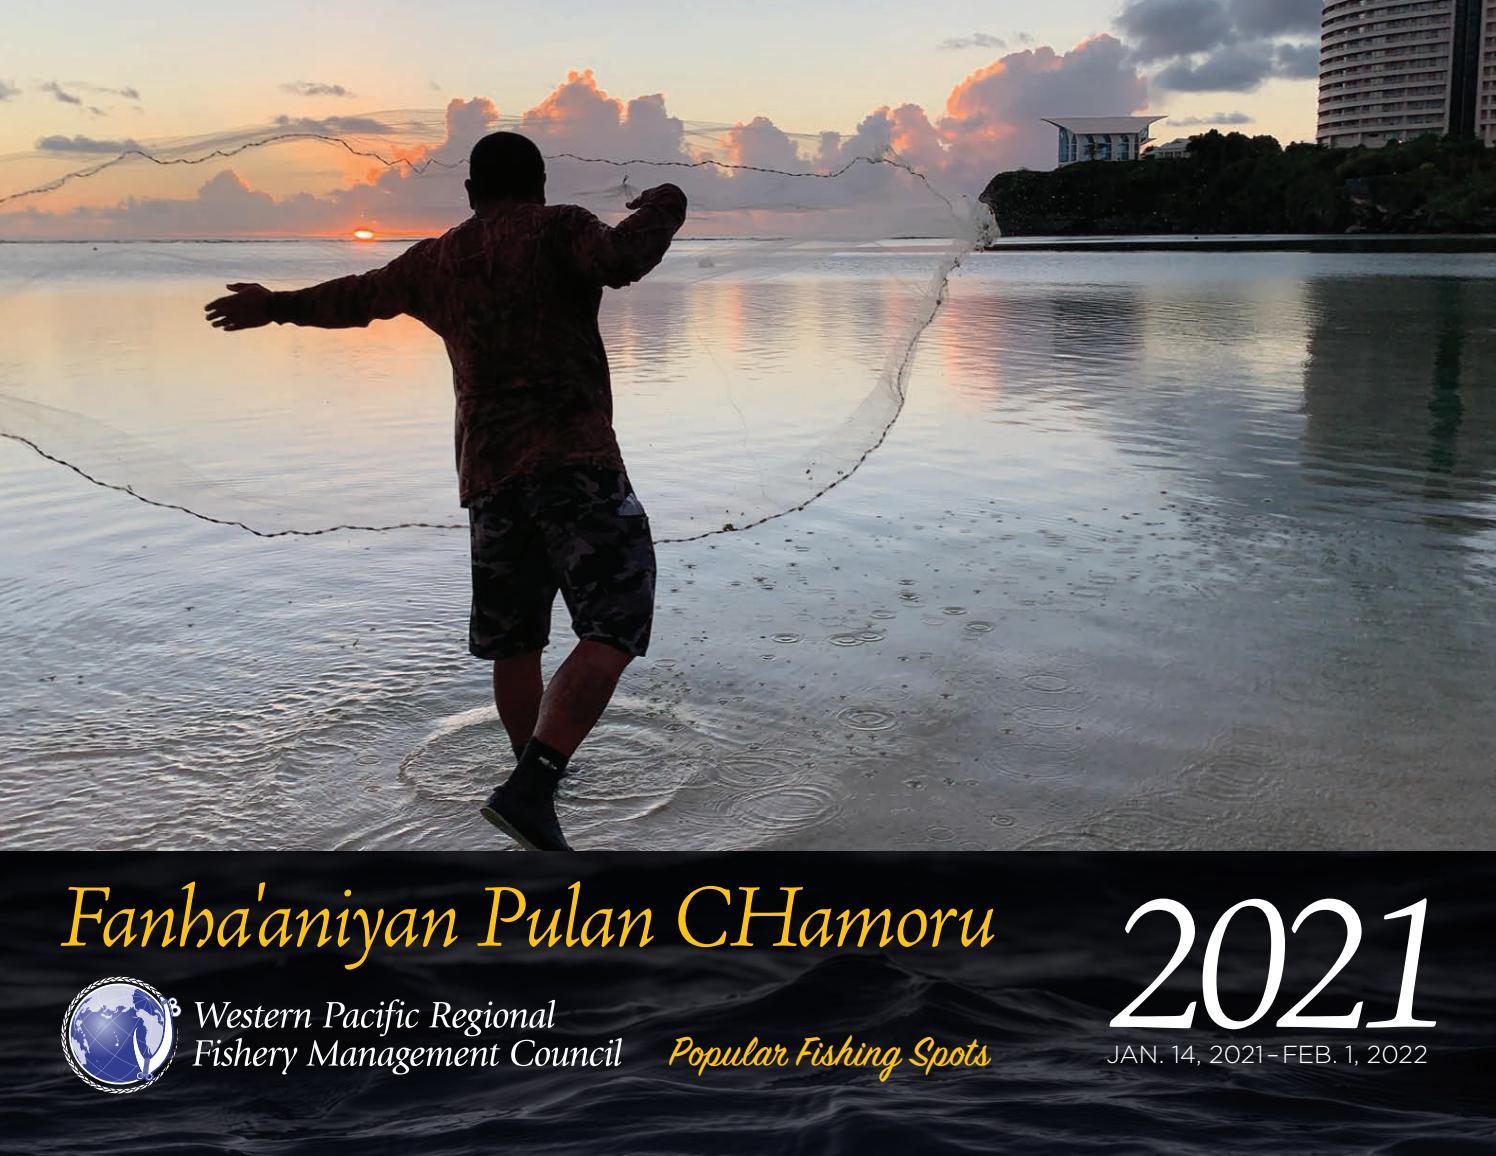 Lunar Fishing Calendar 2022.2021 Fanha Aniyan Pulan Chamoru Calendar Guam Lunar Calendar By Western Pacific Regional Fishery Management Council Issuu